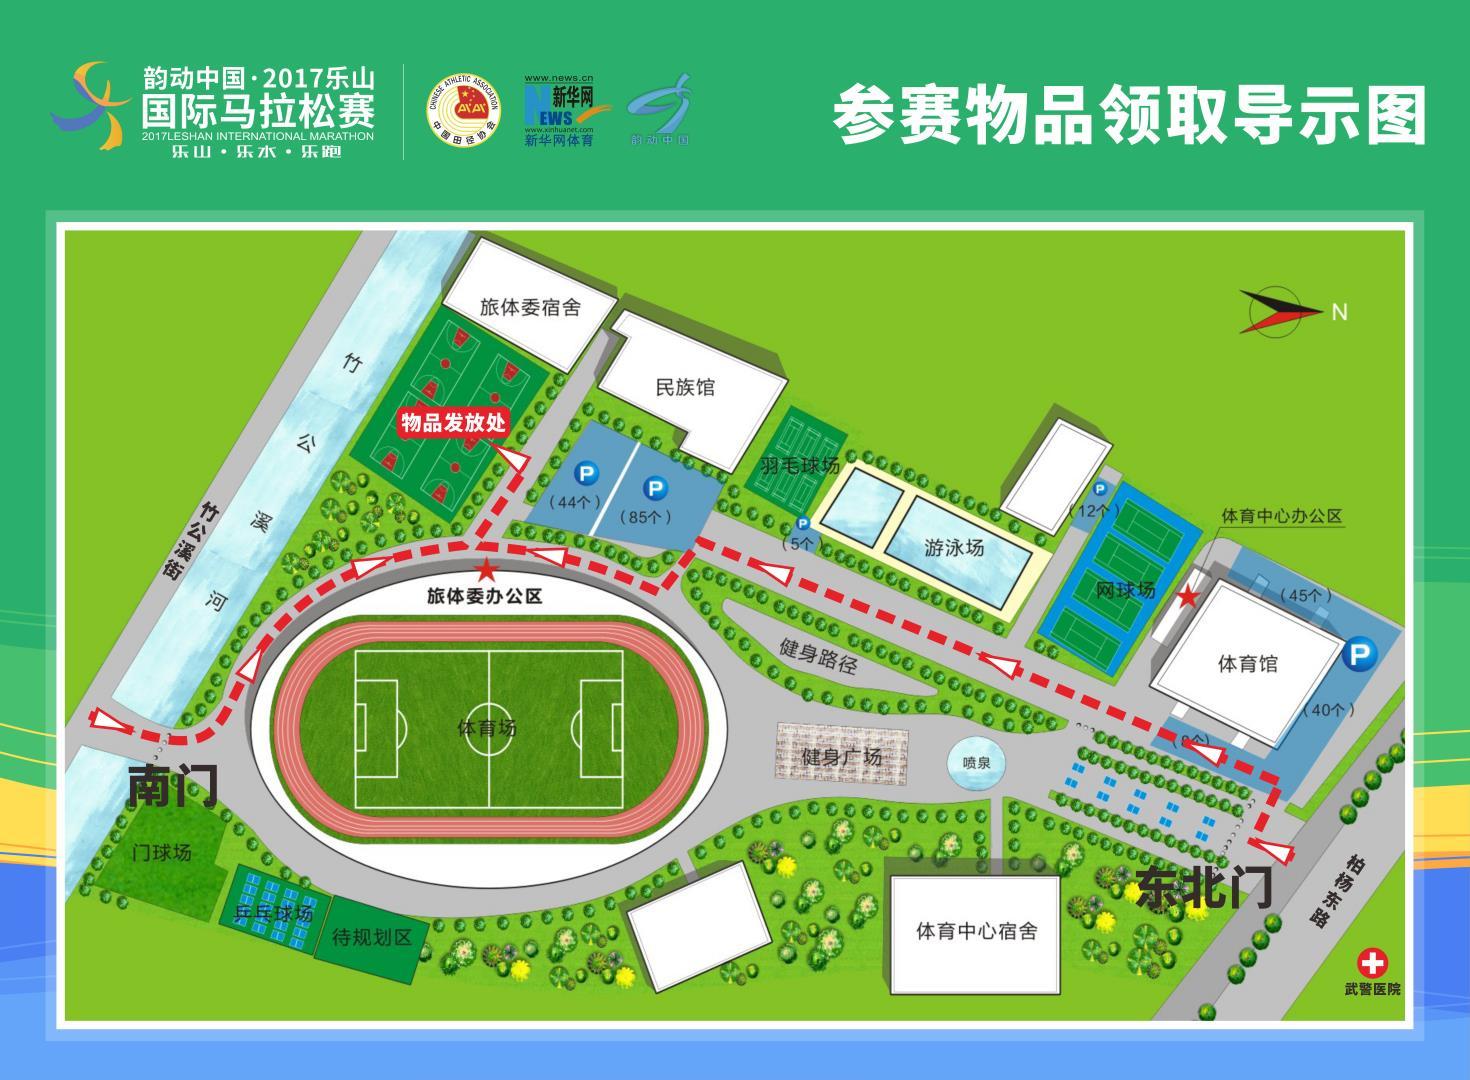 说明: 乐山体育中心平面图